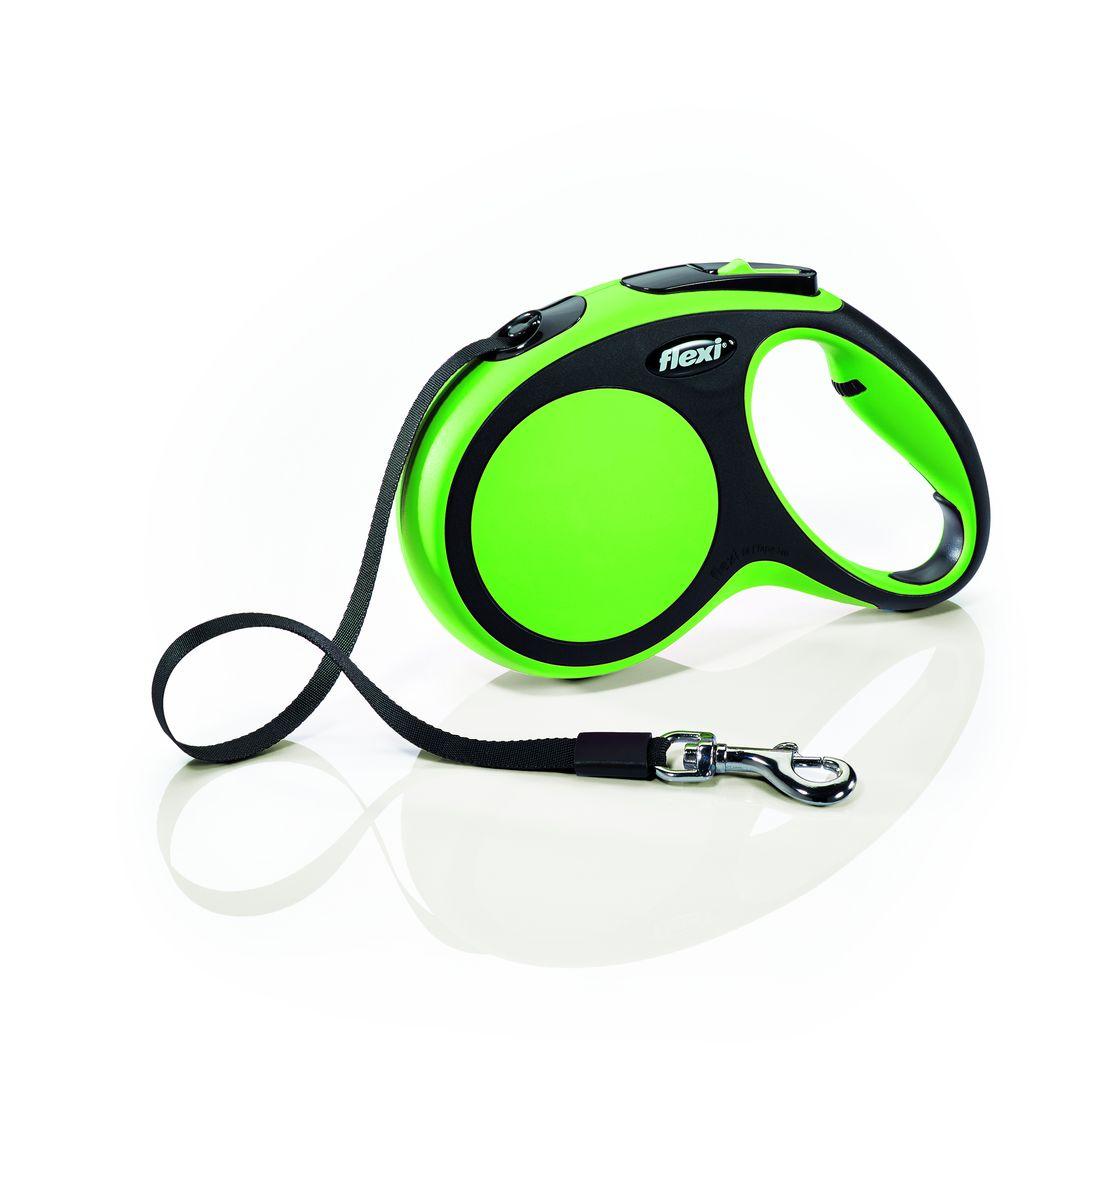 Поводок-рулетка Flexi New Comfort М, лента, для собак весом до 25 кг, цвет: черный, зеленый, 5 м0120710Ленточный поводок-рулетка обеспечивает собаке свободу движения, что идет на пользу здоровью и радует Вашего четвероногого друга. Рулетка очень проста в использовании. Оснащена кнопками кратковременной и постоянной фиксации. Рулетку можно оснастить - мультибоксом для лакомств или пакетиков для сбора фекалий, LED подсветкой корпуса.Прочный корпус, хромированная застежка и светоотражающие элементы.Лента поводка автоматически сматывается и поводок в процессе использования не провисает, не касается грунта и таким образом не пачкается и не перетирается. Поводок не нужно подбирать руками когда питомец подошел ближе, таким образом Ваши руки всегда чистые. На рукоятке имеется колесико позволяющее адаптировать размер рукоятки под размер рукиМаксимальный вес питомца: 25 кгДлина: 5 м